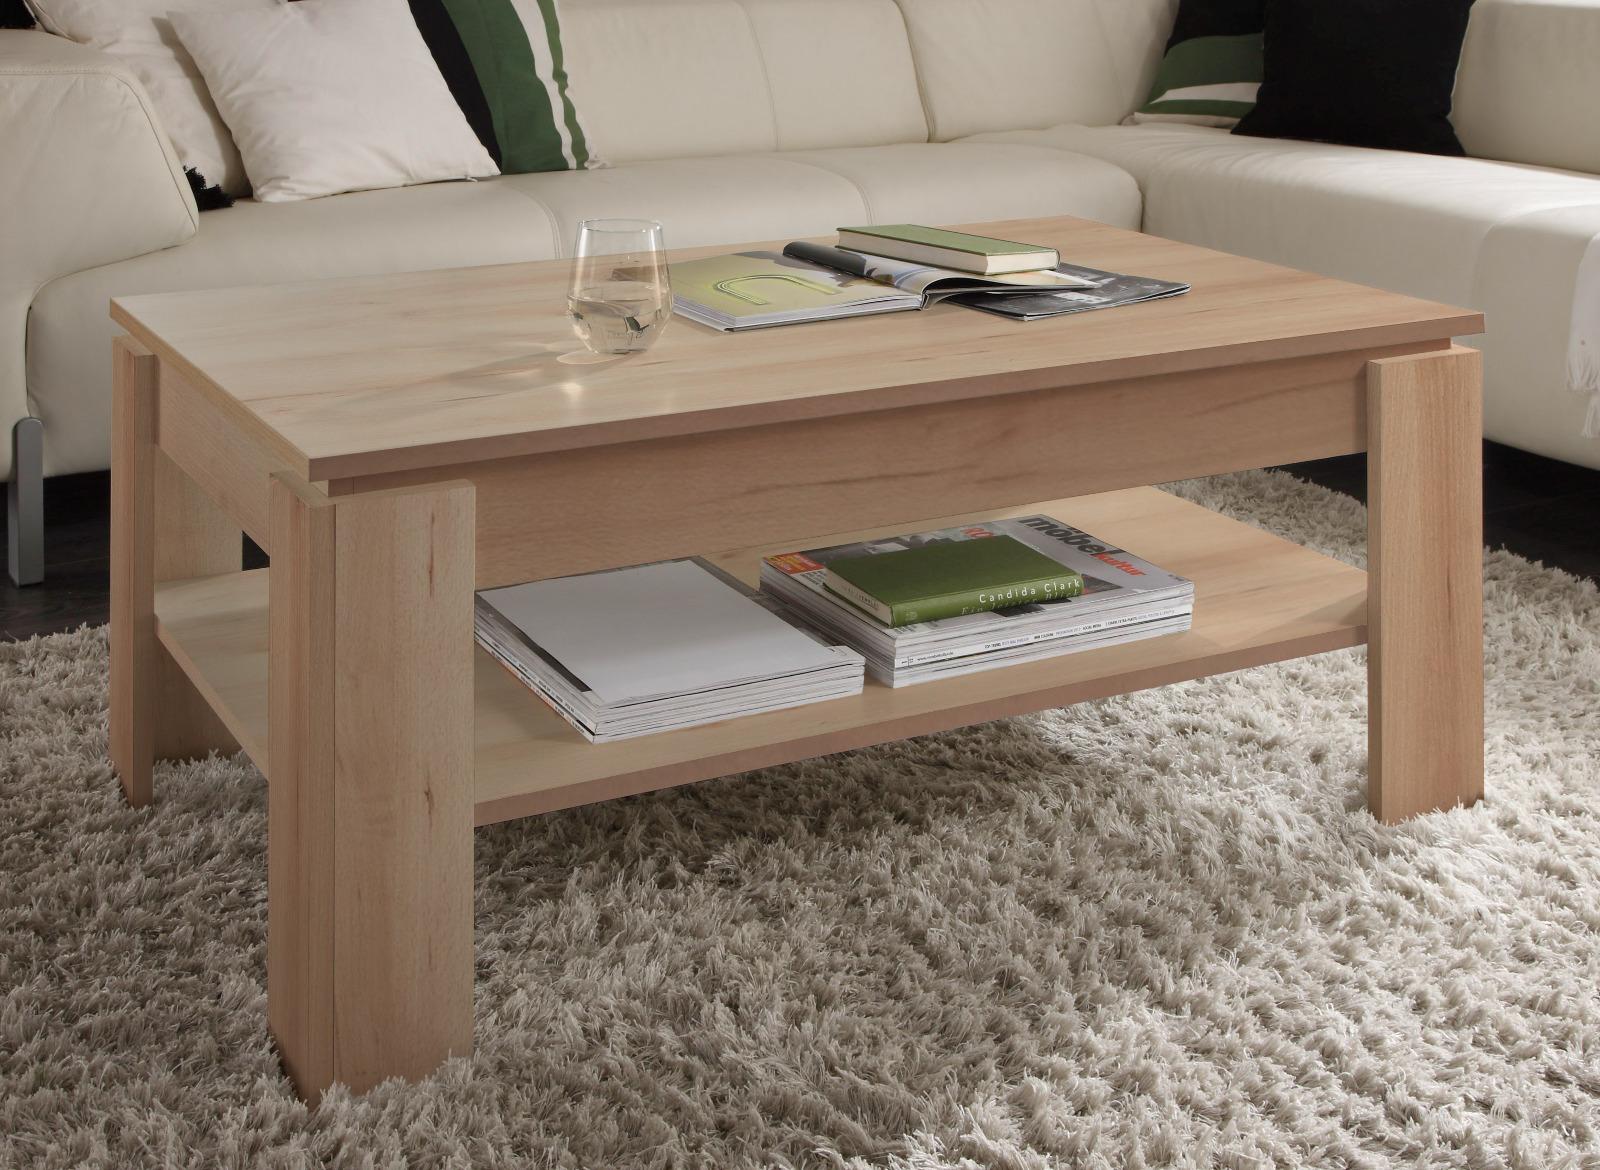 couchtisch wohnzimmertisch novara edel buche. Black Bedroom Furniture Sets. Home Design Ideas